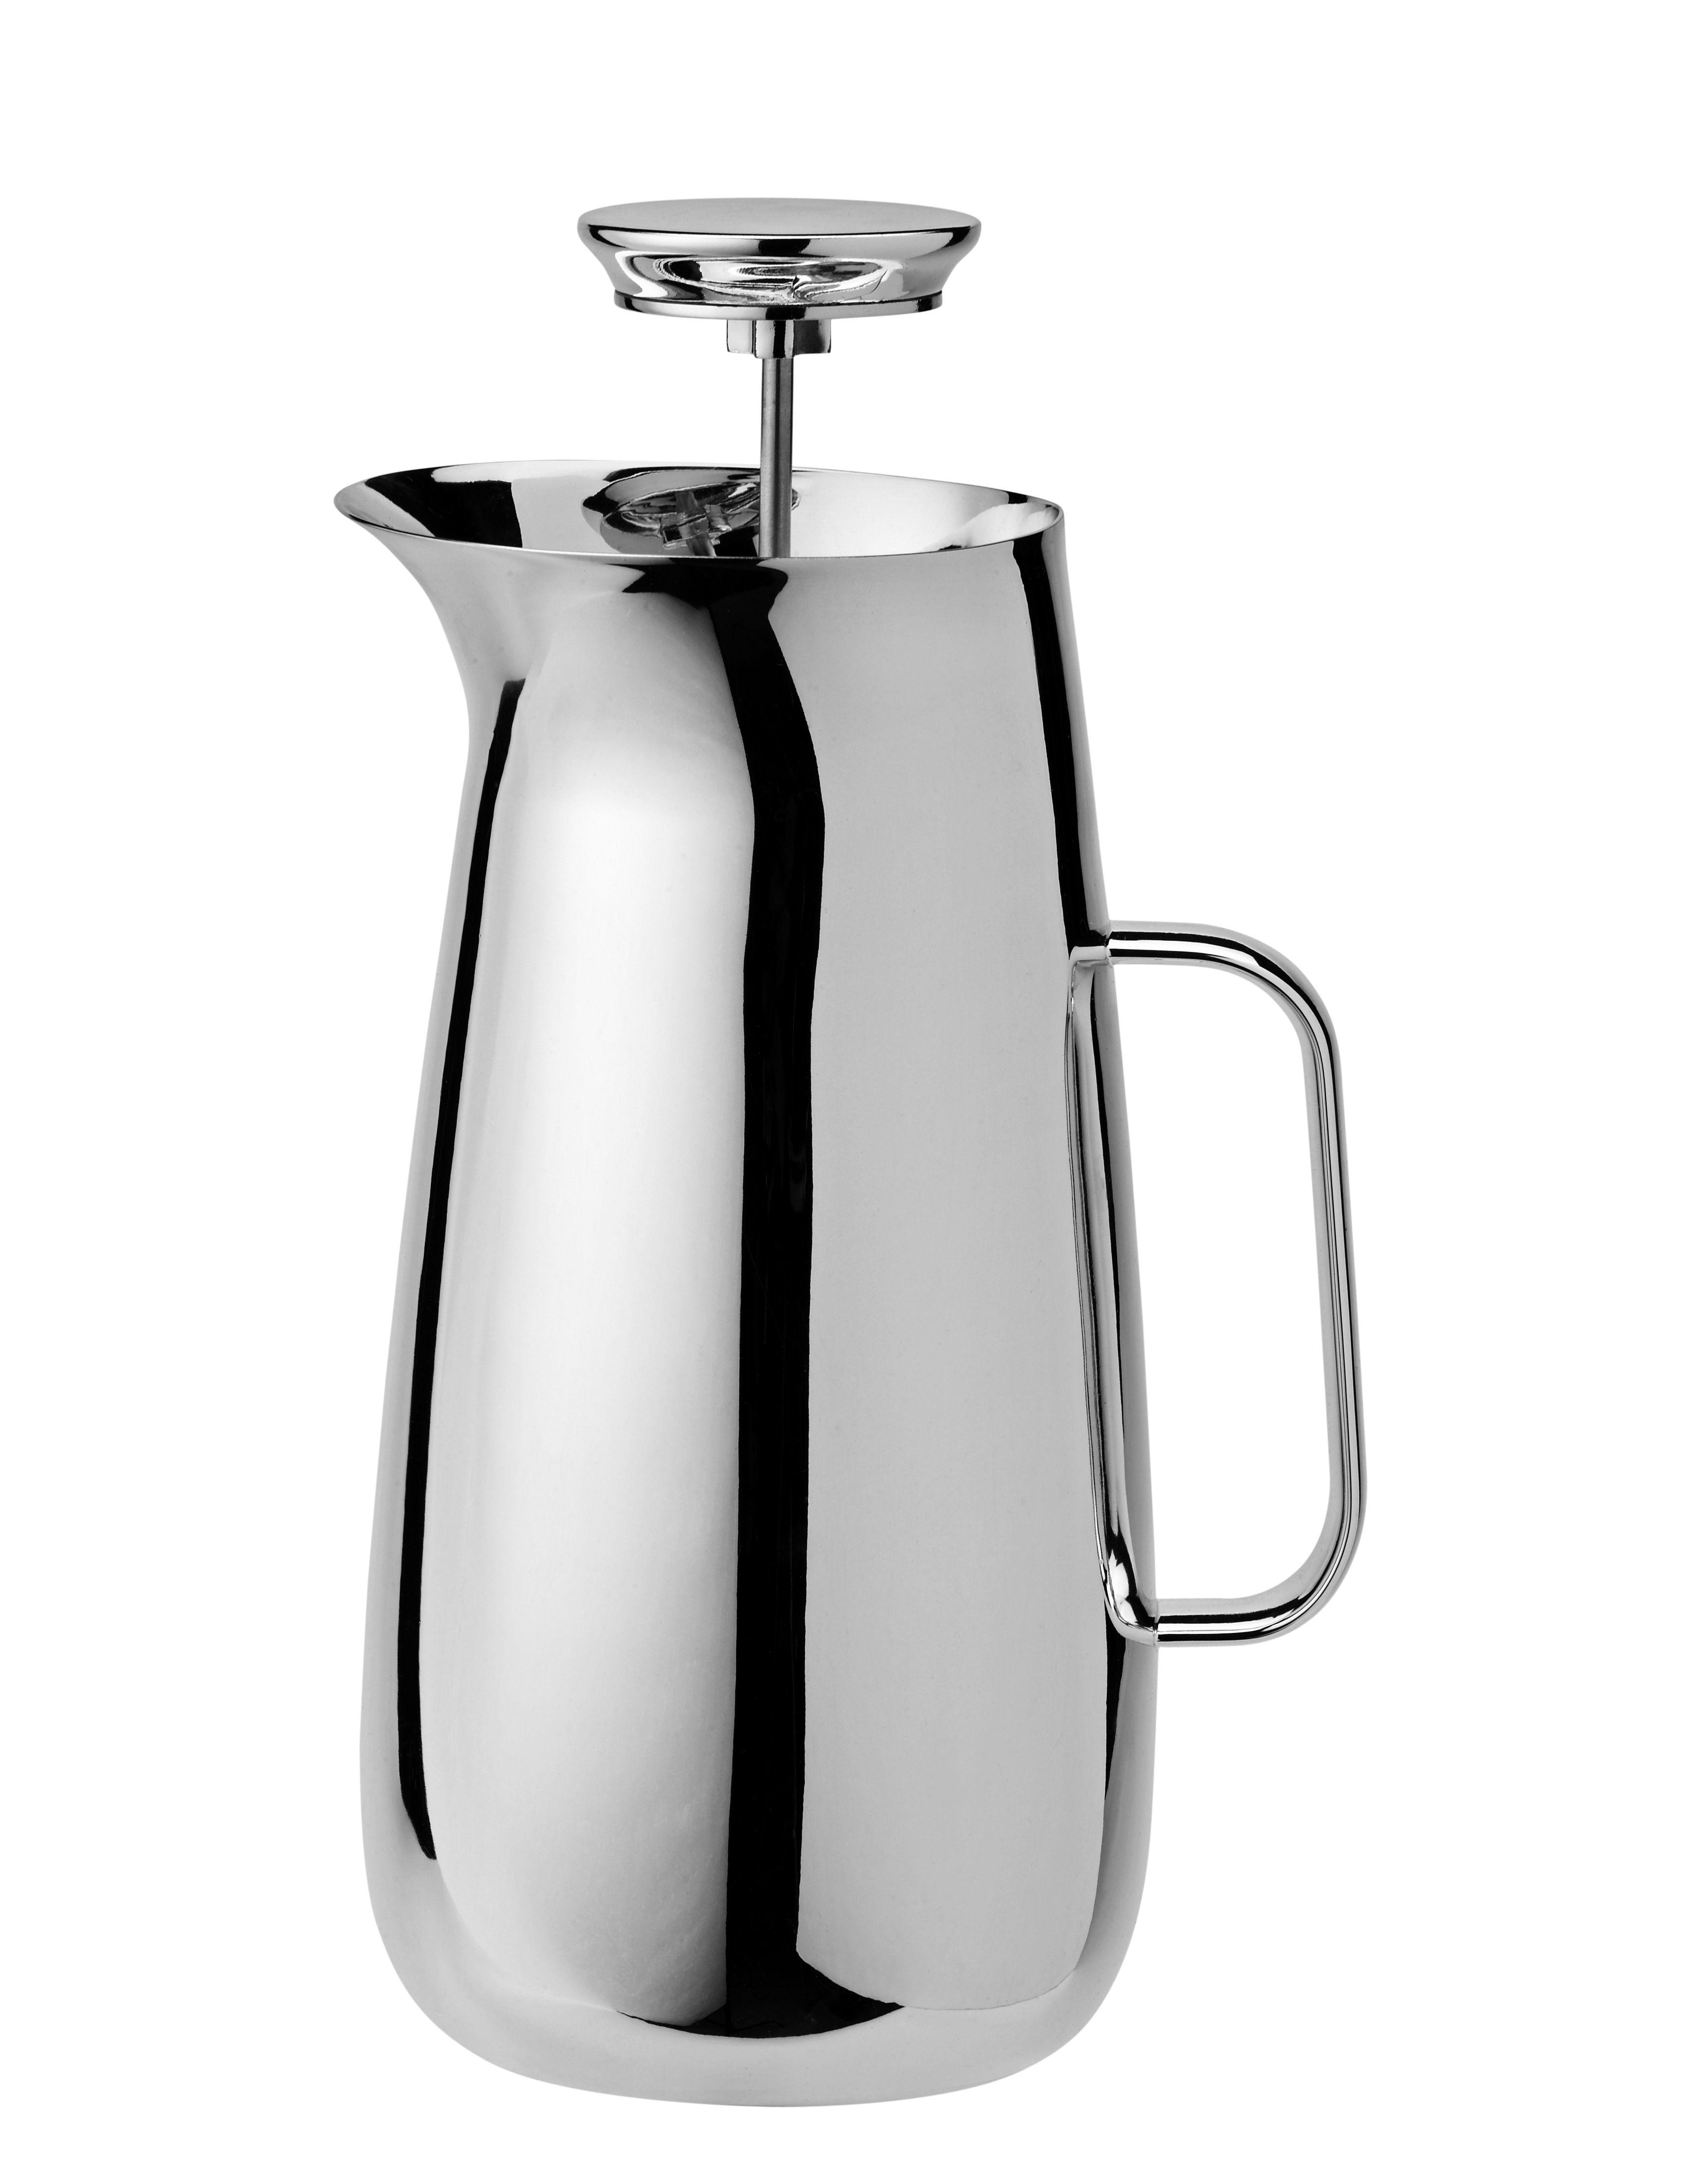 Küche - Kaffekannen - Foster Druckkolben-Kaffeemaschine / Stahl - 1 l - Stelton - Stahl - rostfreier Stahl